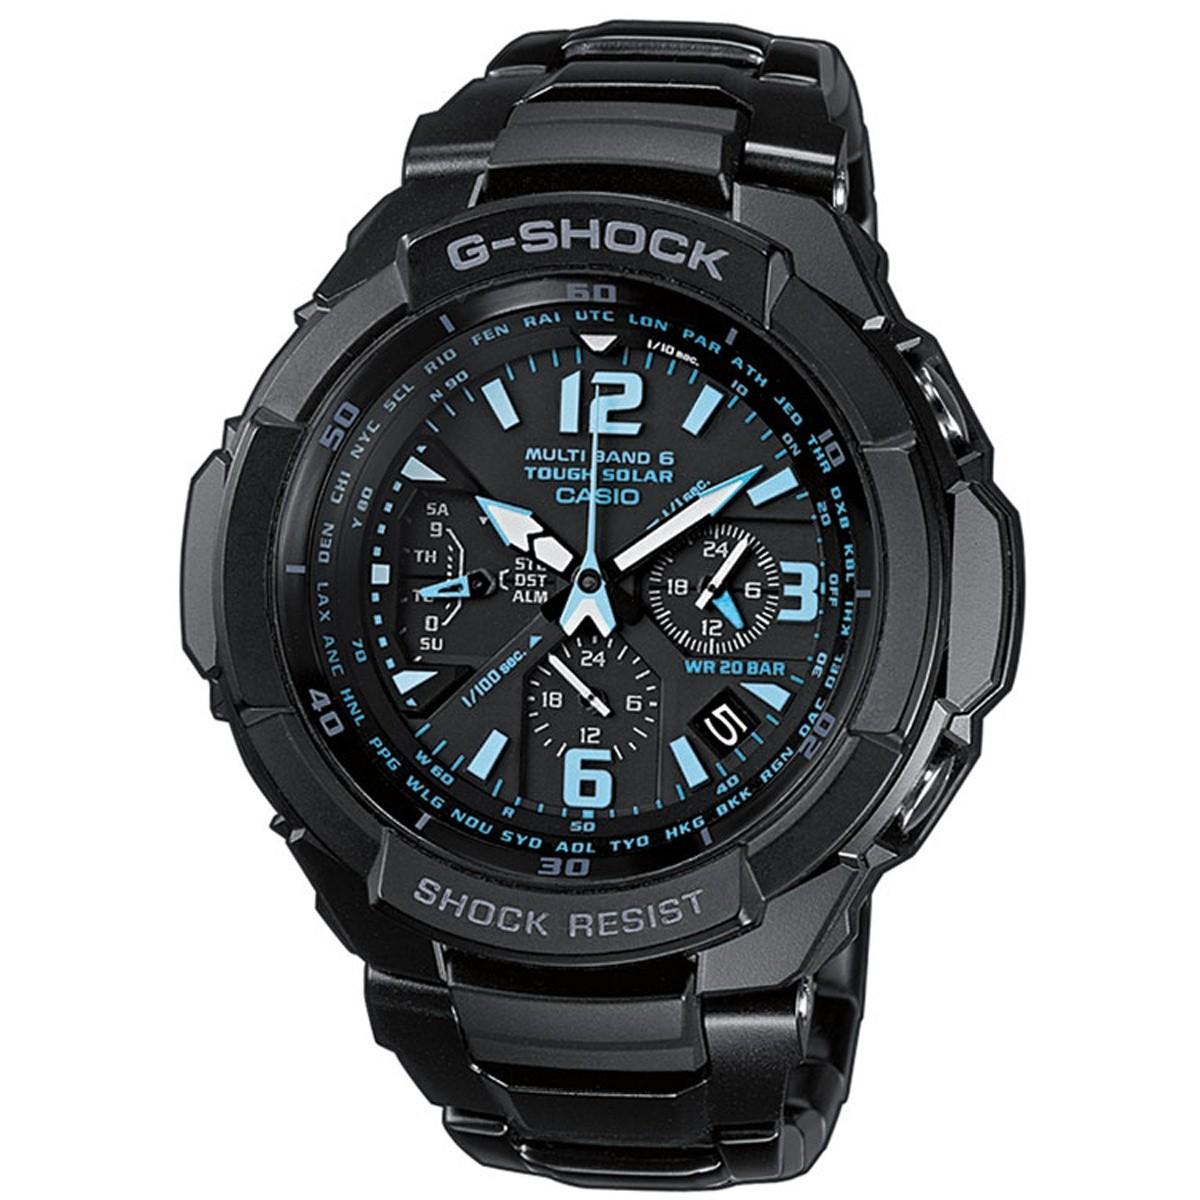 9dfc2a87985a Tipos de relojes Casio